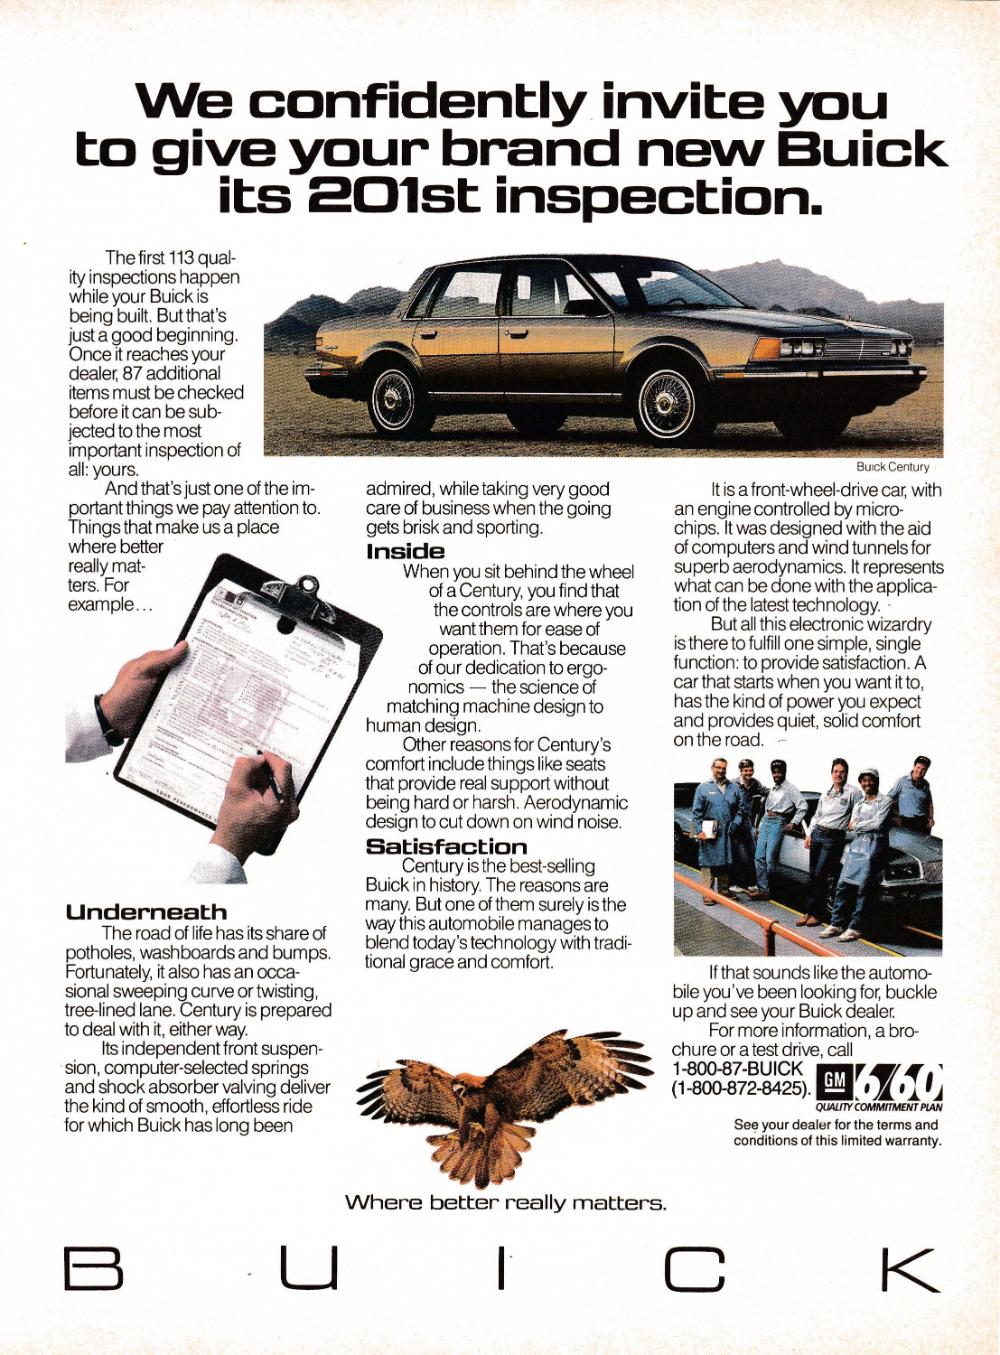 1987 Buick Century General Motors 4 Door Original Magazine Ad Etsy Buick Century Buick General Motors